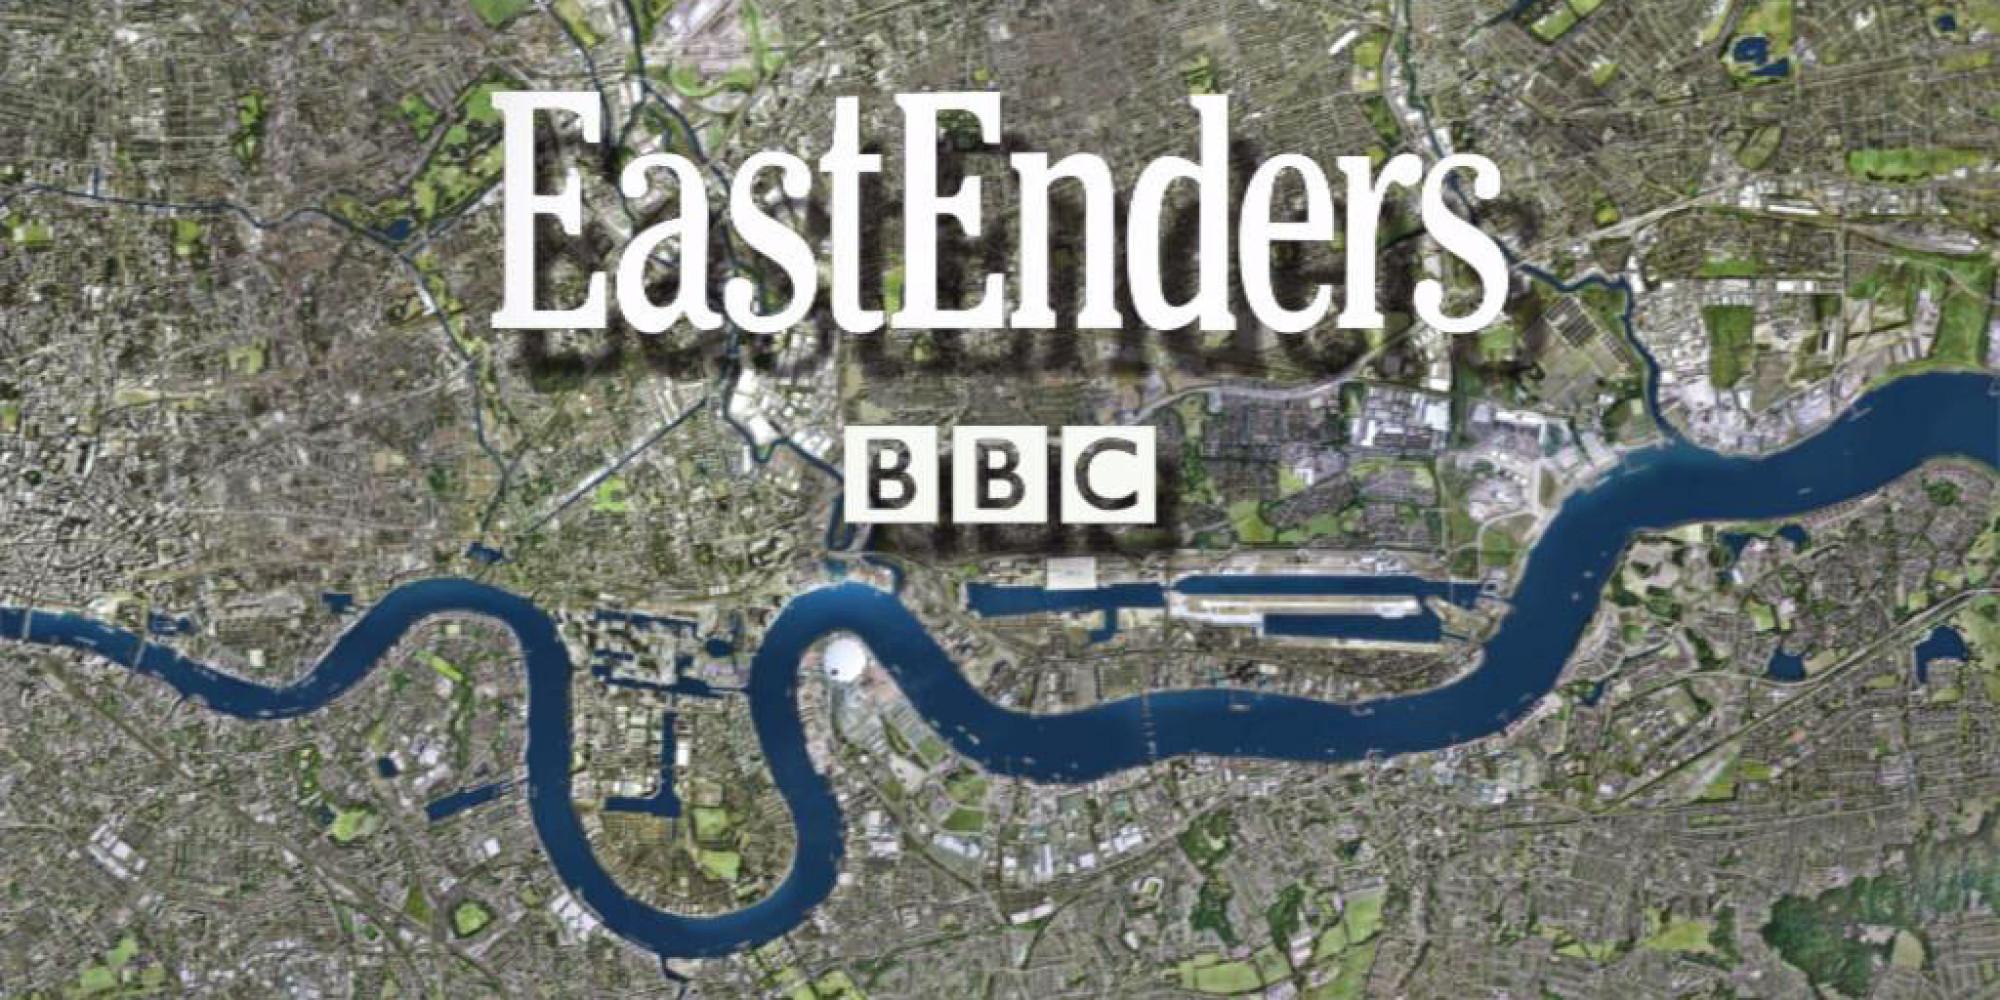 'EastEnders': Jack Branning Makes Shock Return To Walford